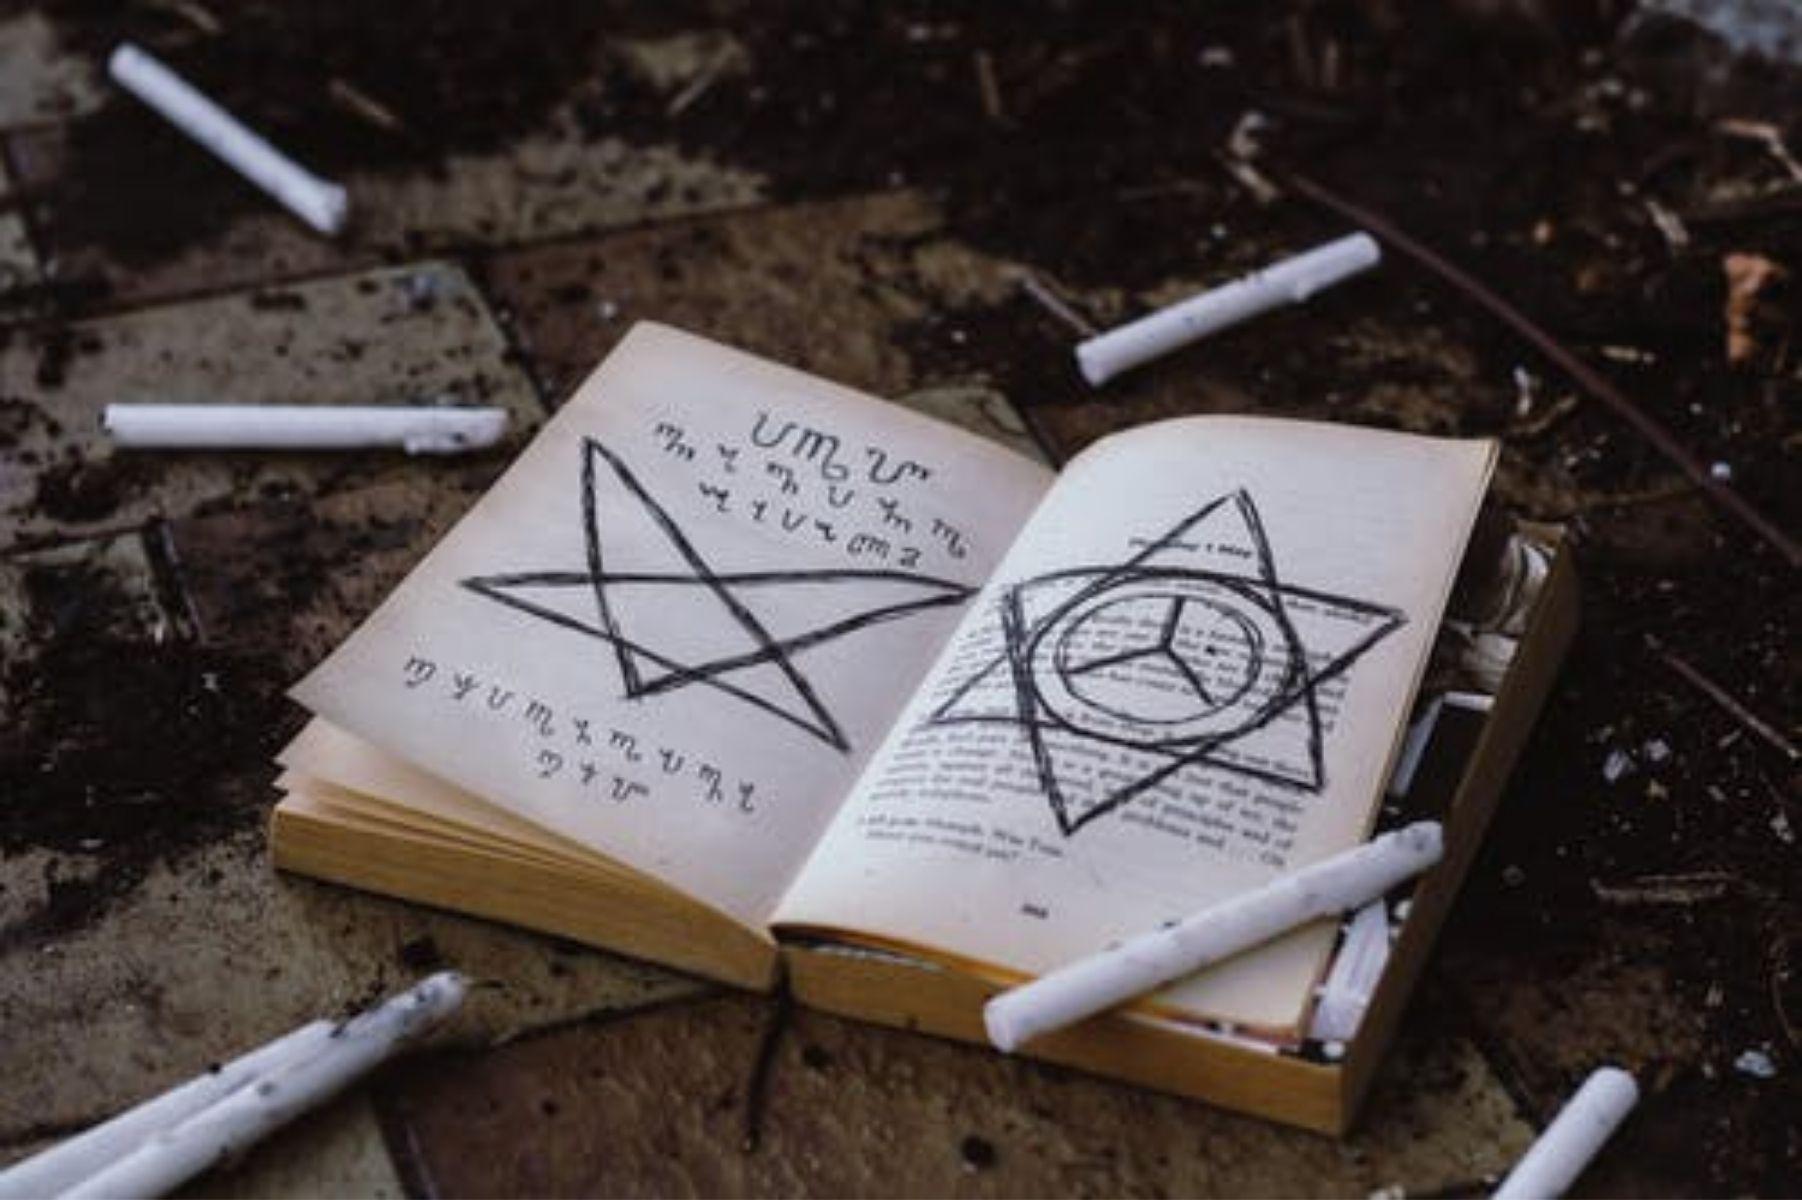 Caça ás bruxas: compreendendo o marco histórico